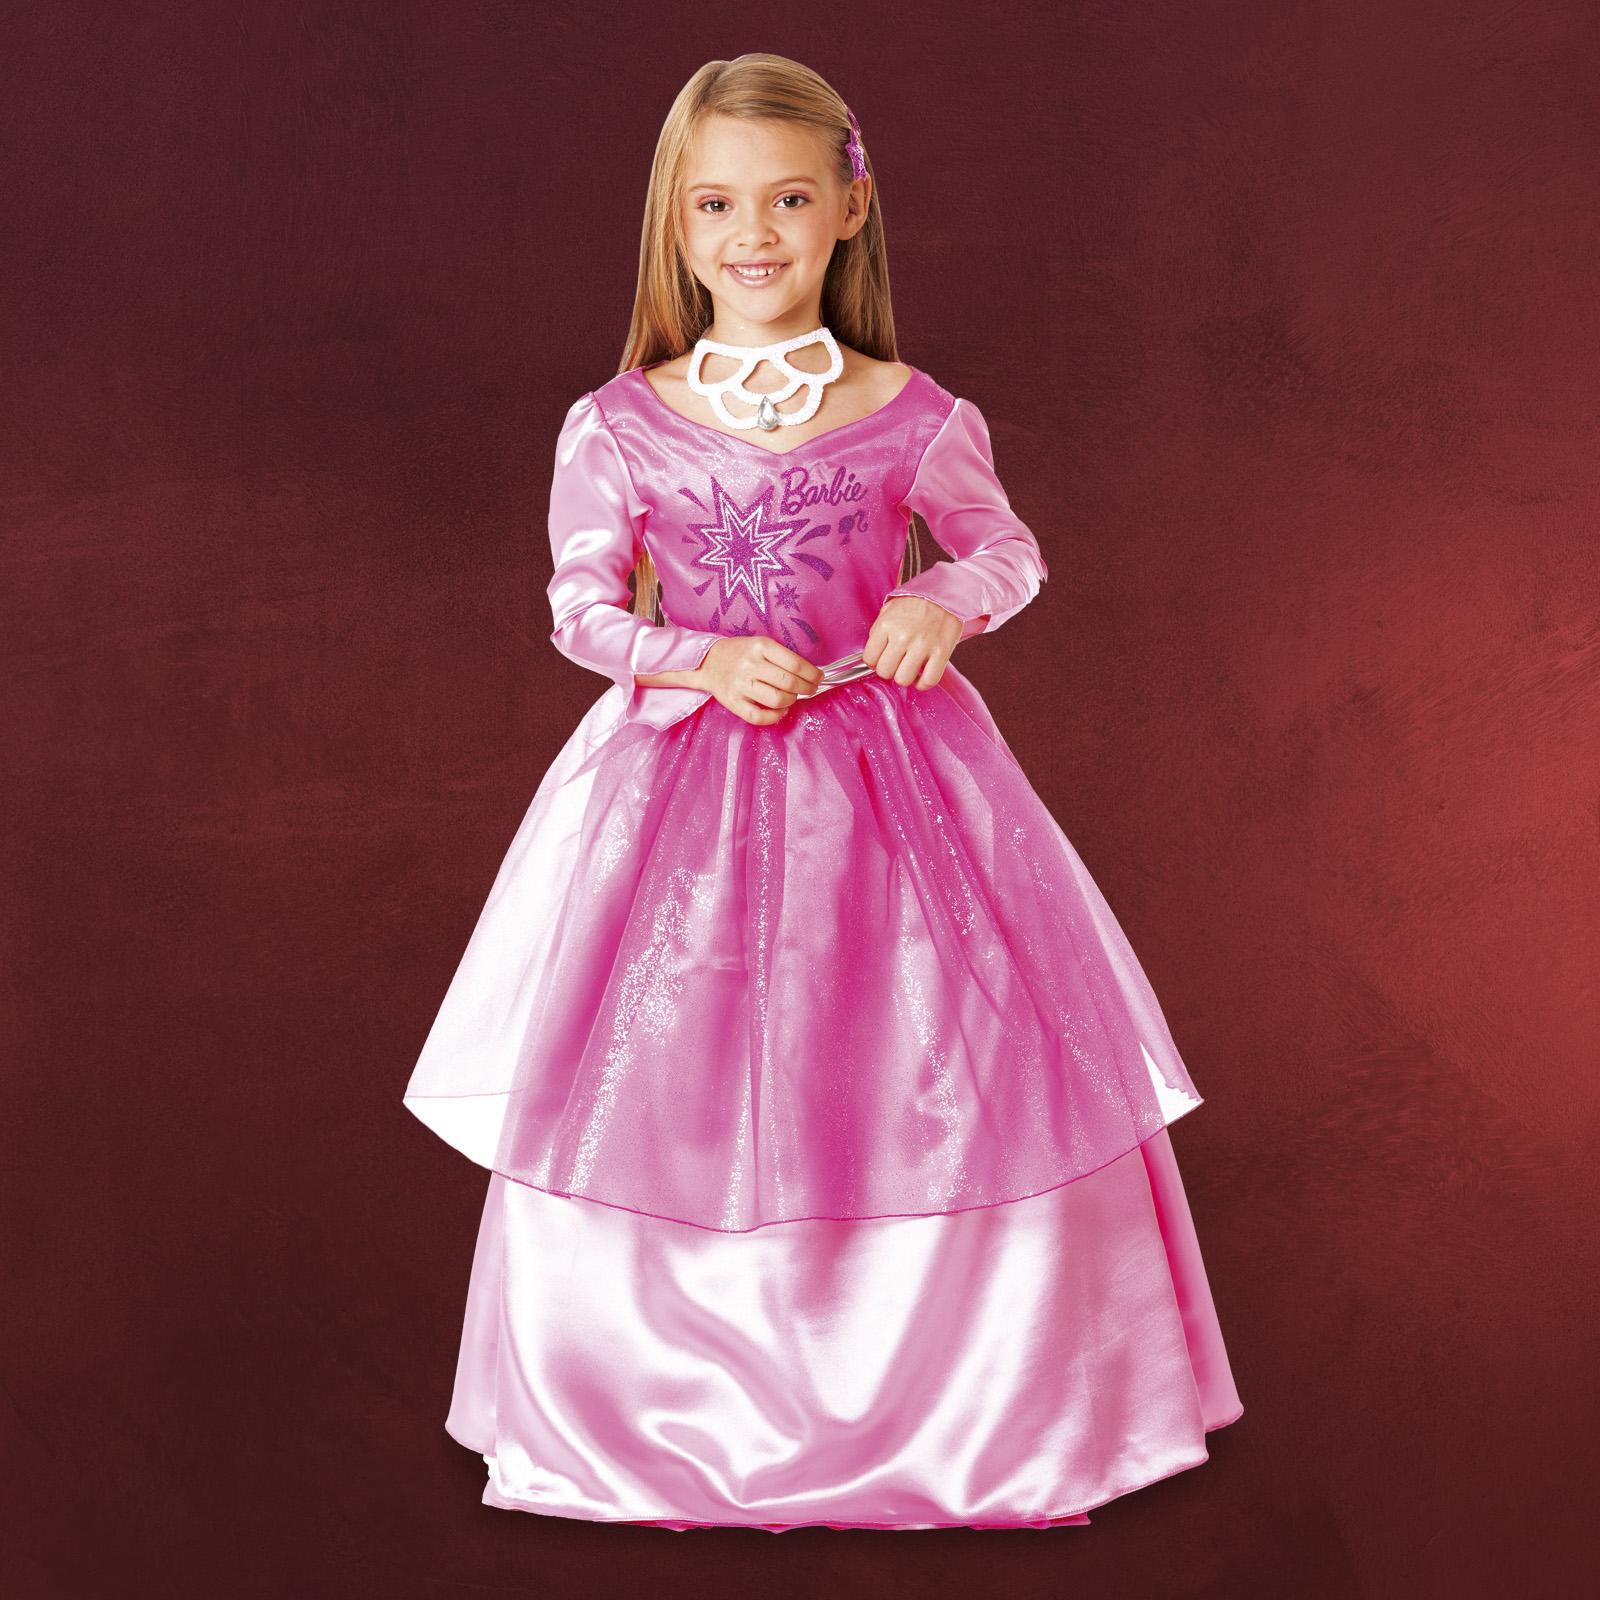 fasching kost m kinder barbie prinzessin kleid schmuck ebay. Black Bedroom Furniture Sets. Home Design Ideas